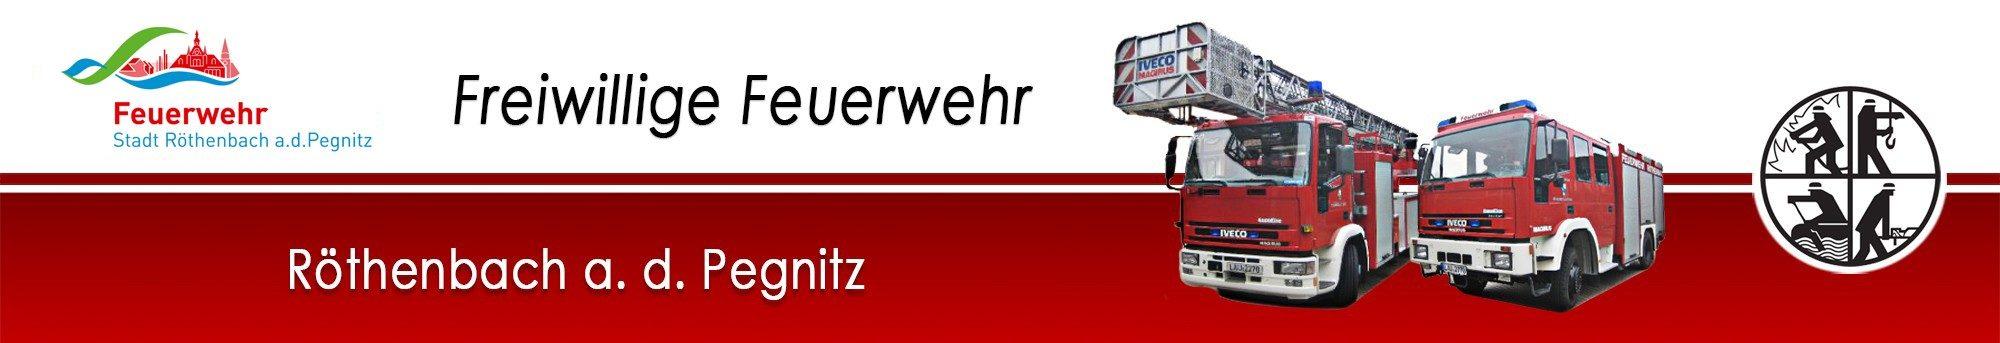 Freiwillige Feuerwehr Röthenbach a.d. Pegnitz